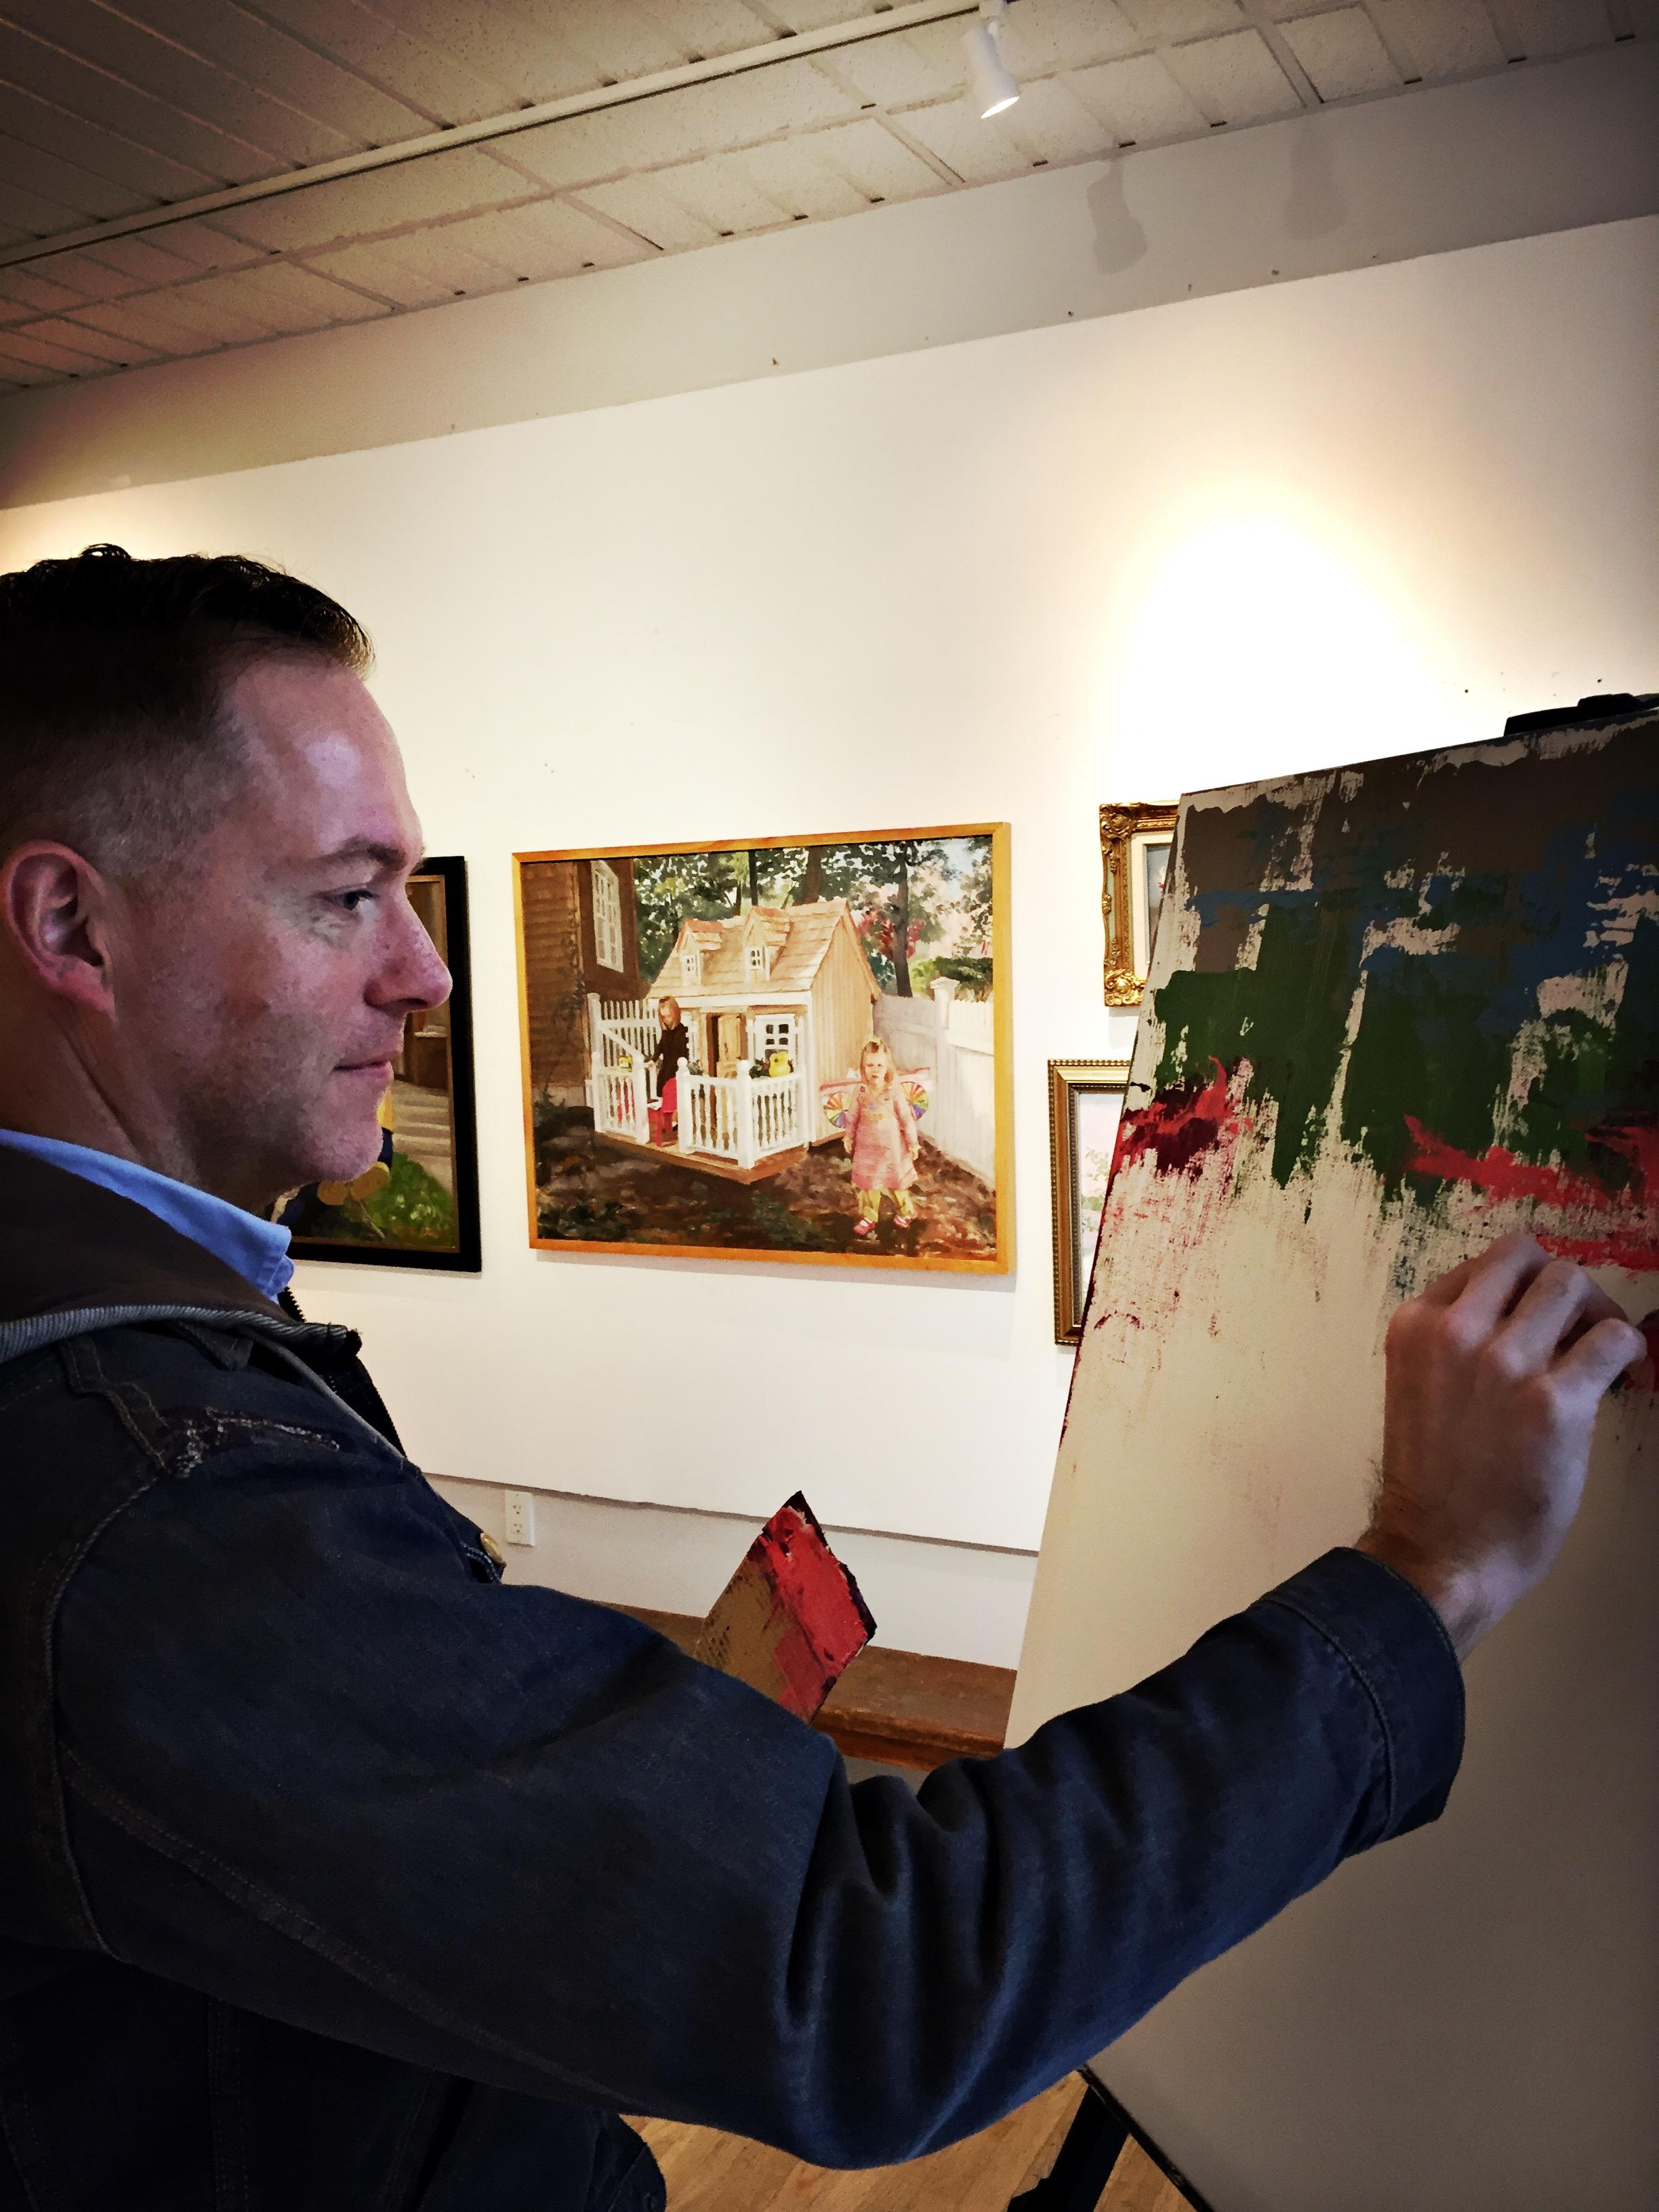 VIDEO: Performing art in art space